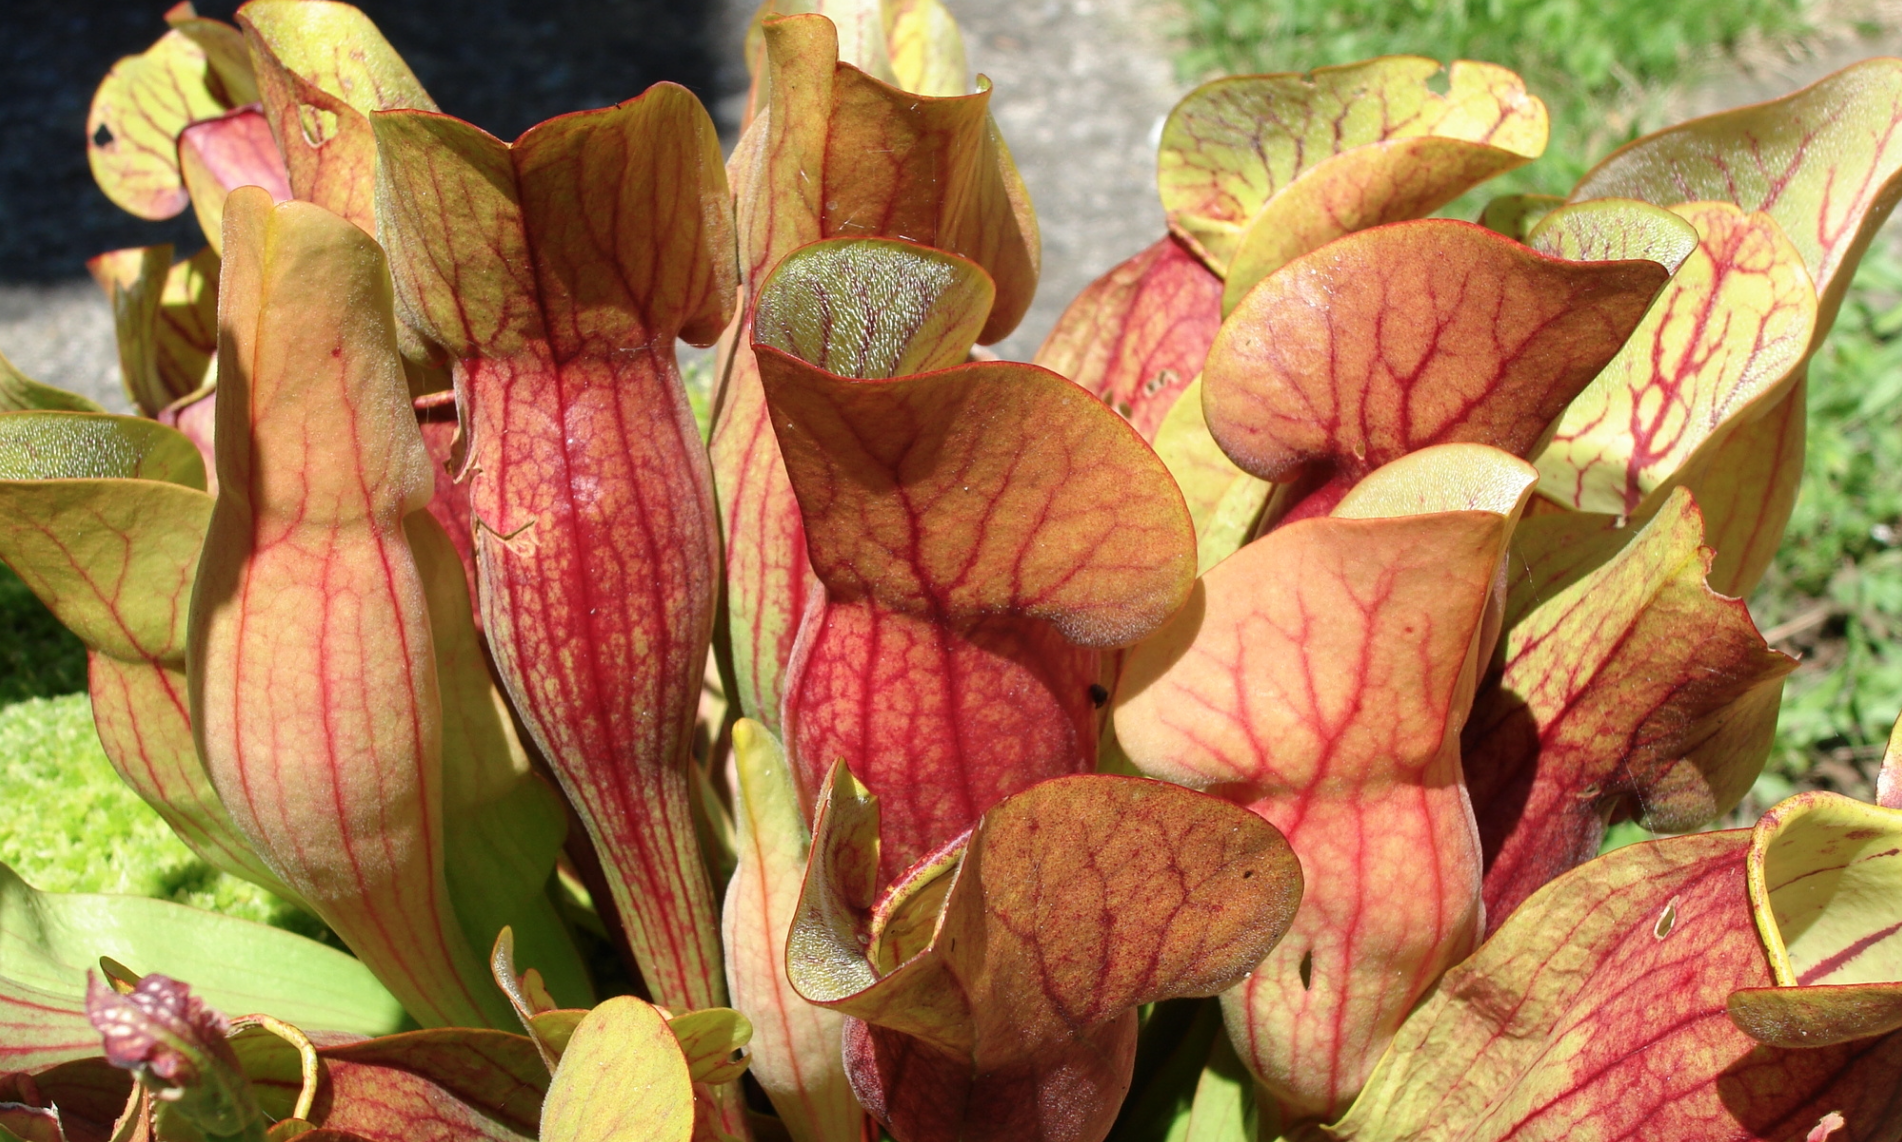 Sarracenia purpurea , a pitcher plant inhabiting a bog in France.